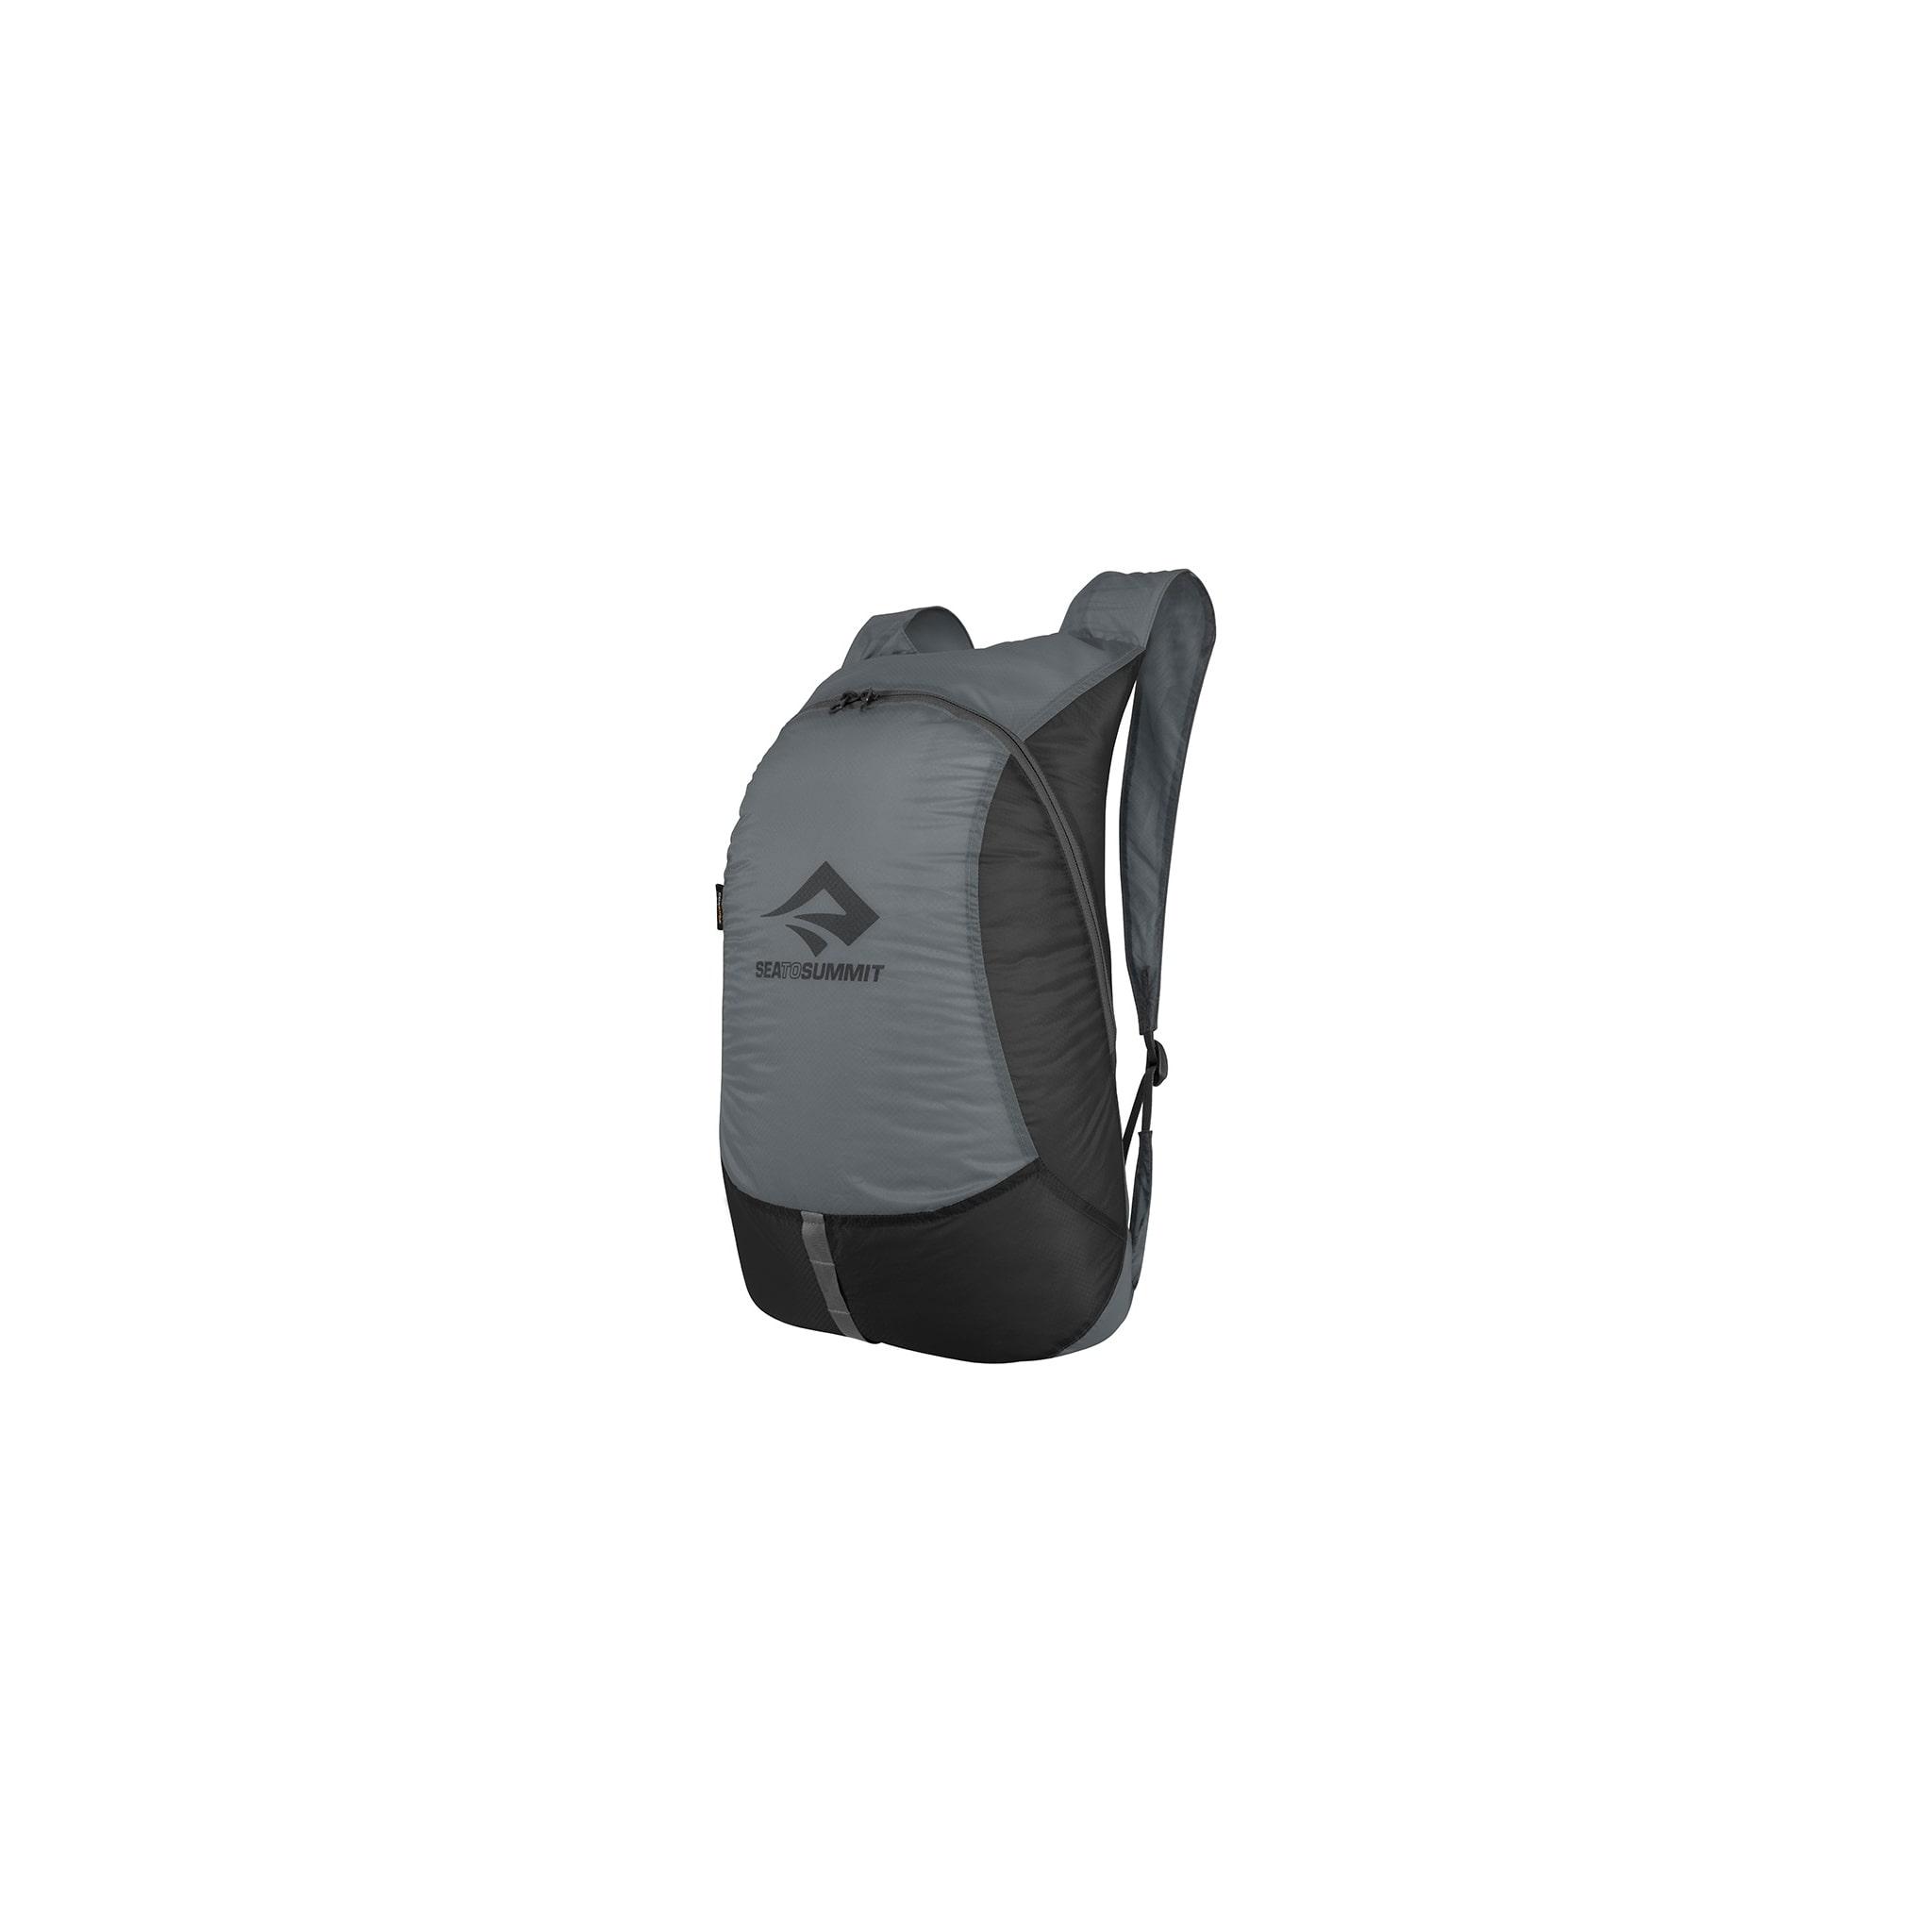 Ultralett sekk som rommer 20l og kan pakkes i lomma!